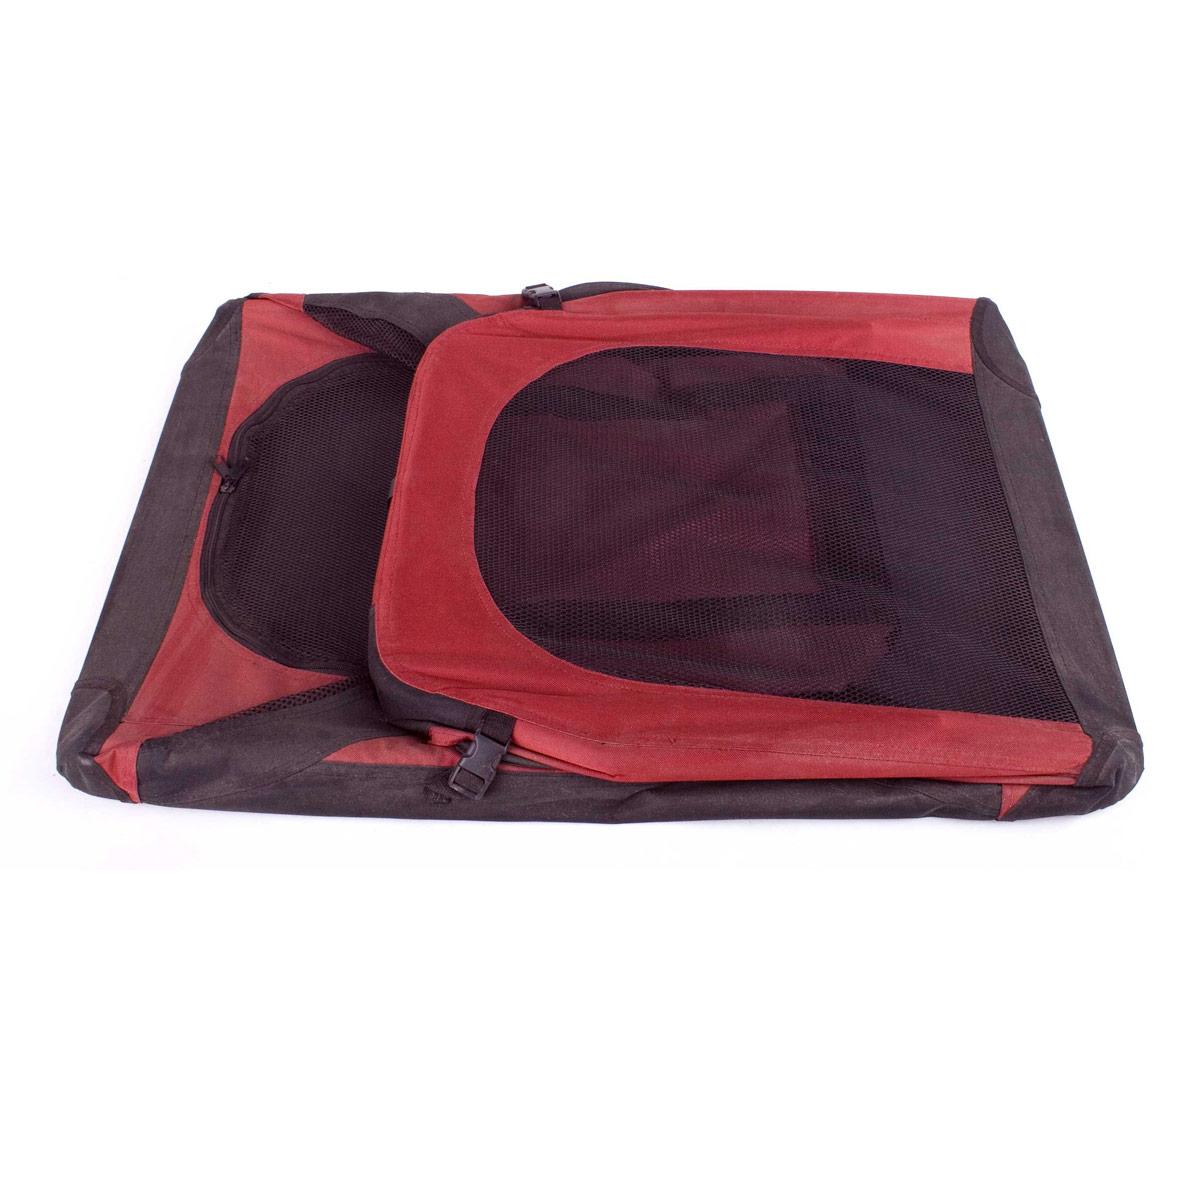 faltbare hundetransportbox faltbox hundebox transportbox. Black Bedroom Furniture Sets. Home Design Ideas